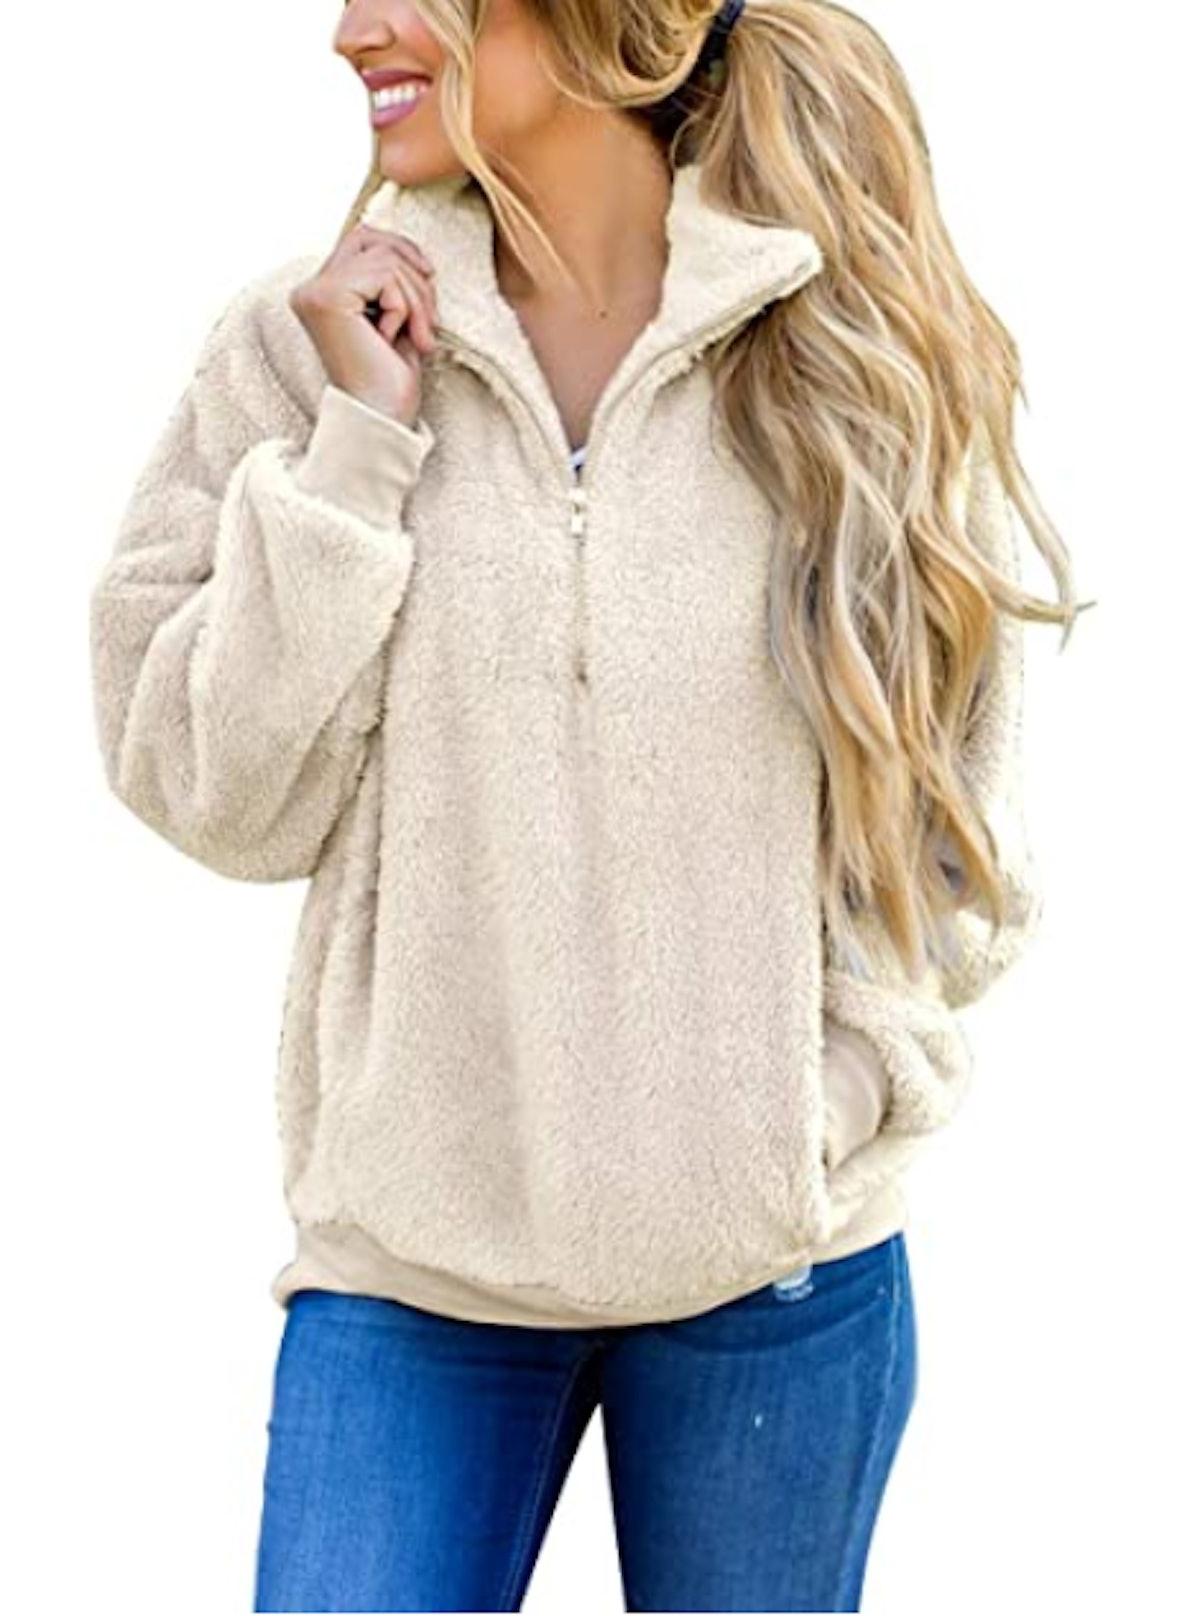 MEROKEETY Sherpa Pullover